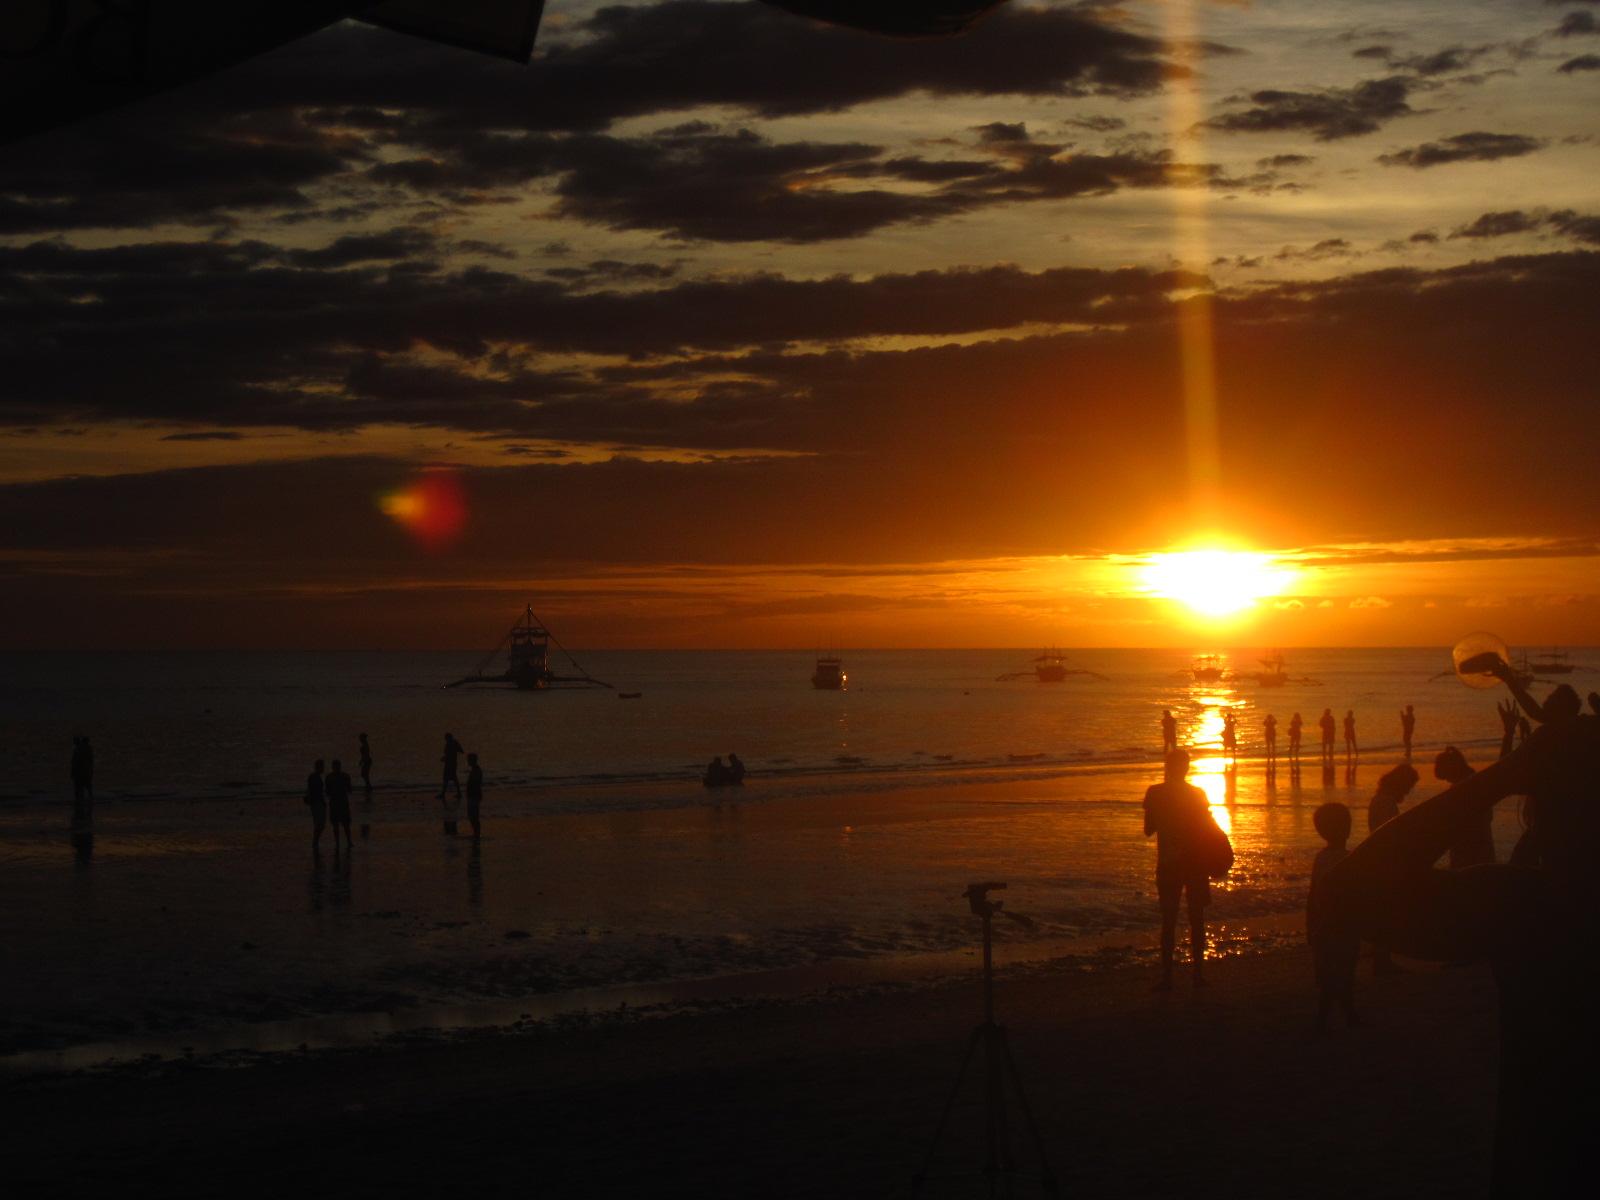 Skyathon 2012: Boracay sunset